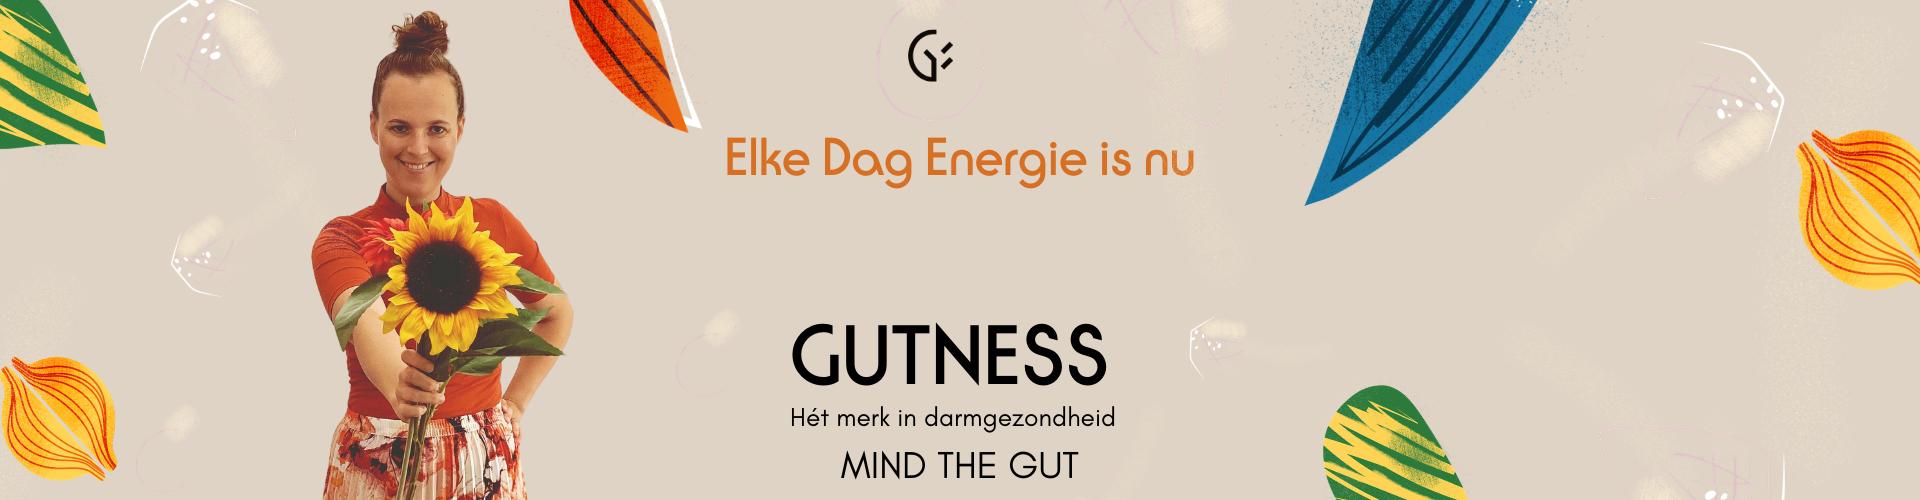 Elke dag energie is nu Gutness